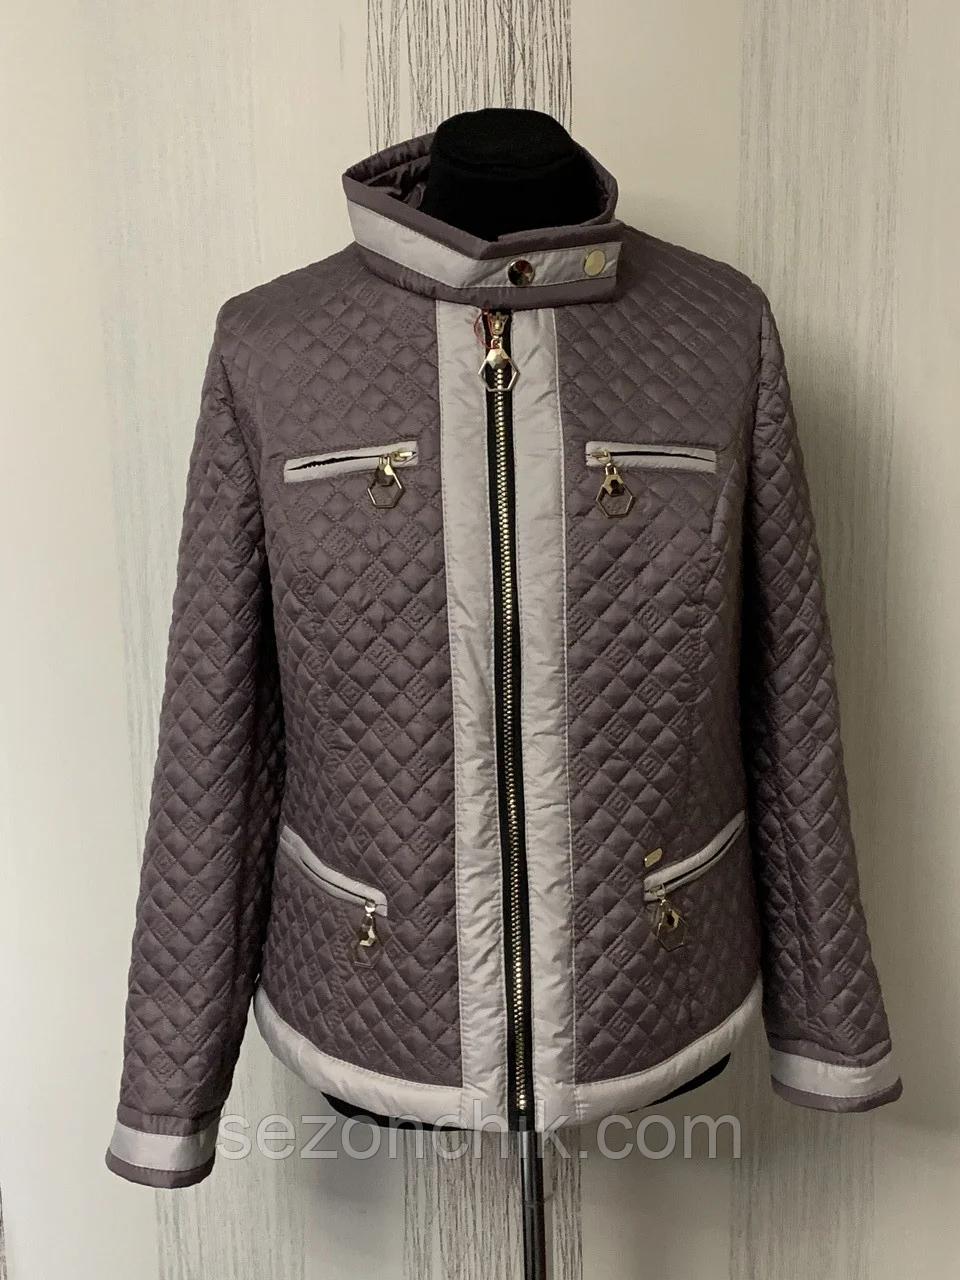 Демисезонная куртка пиджак женская интернет магазин